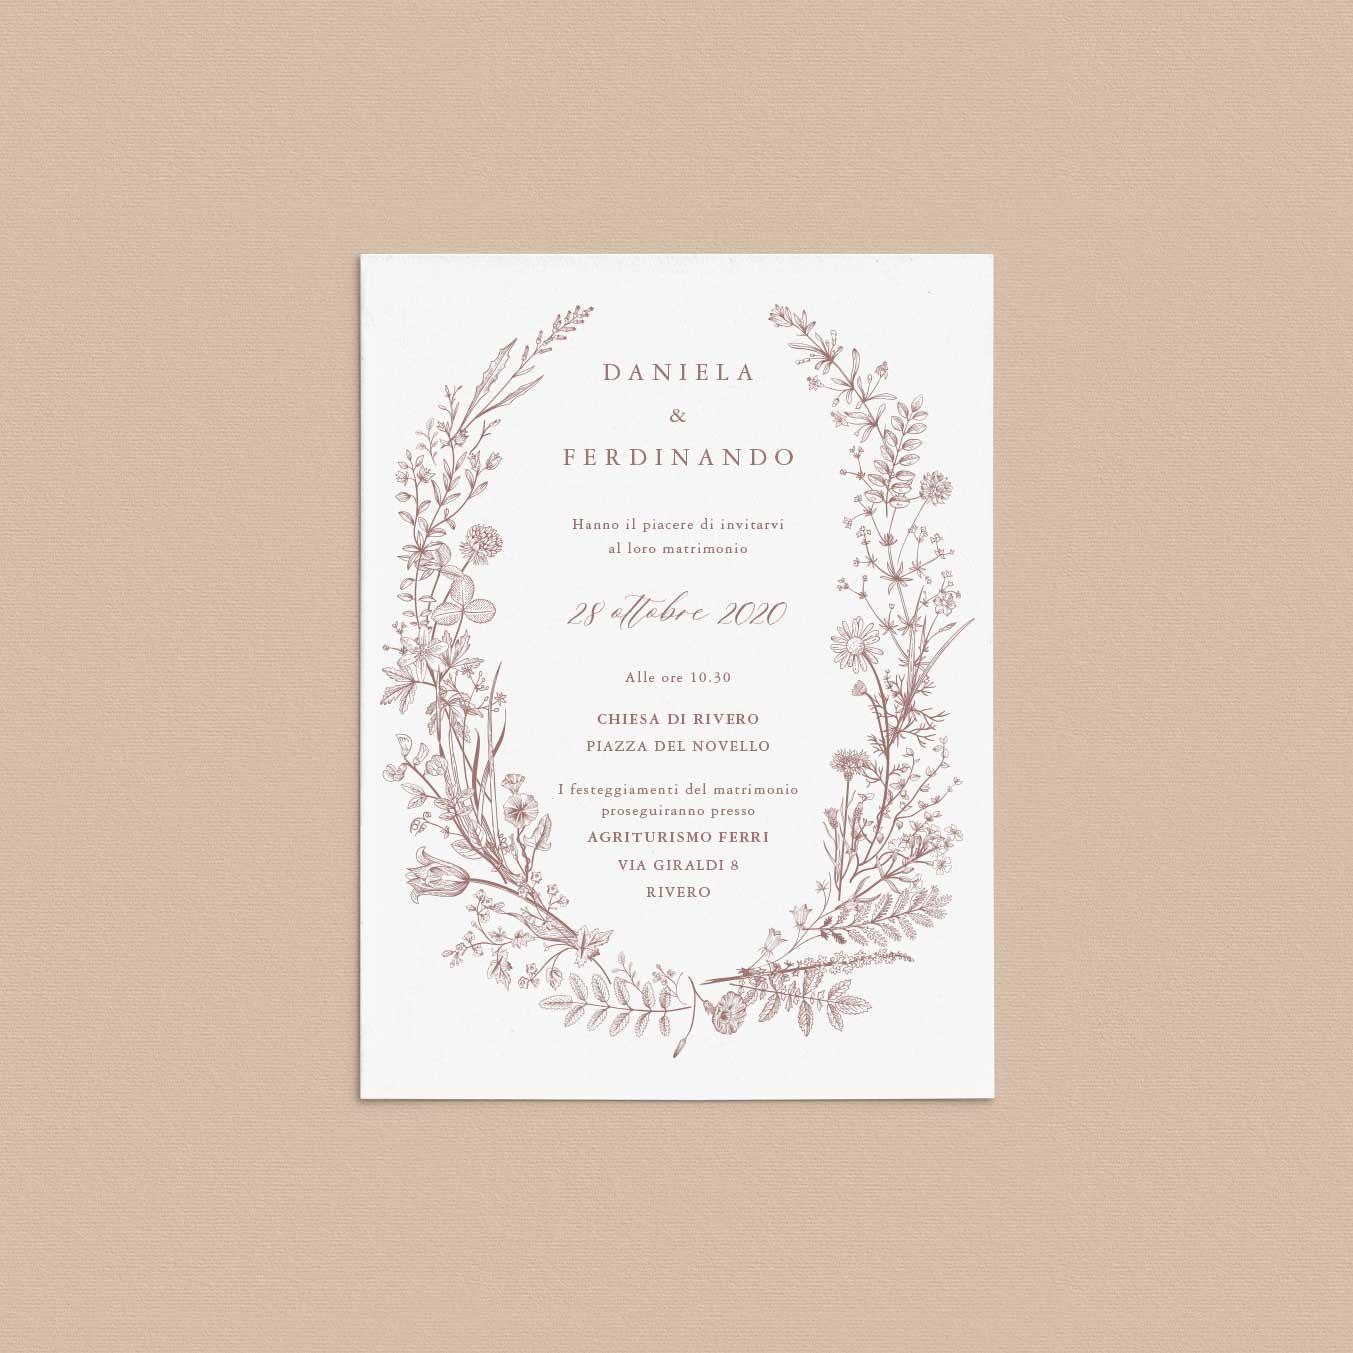 Partecipazioni-matrimonio-inviti-nozze-fiori-ghirlanda-ghirlande-fiore-tema-natura-natura-chic-green-rustico